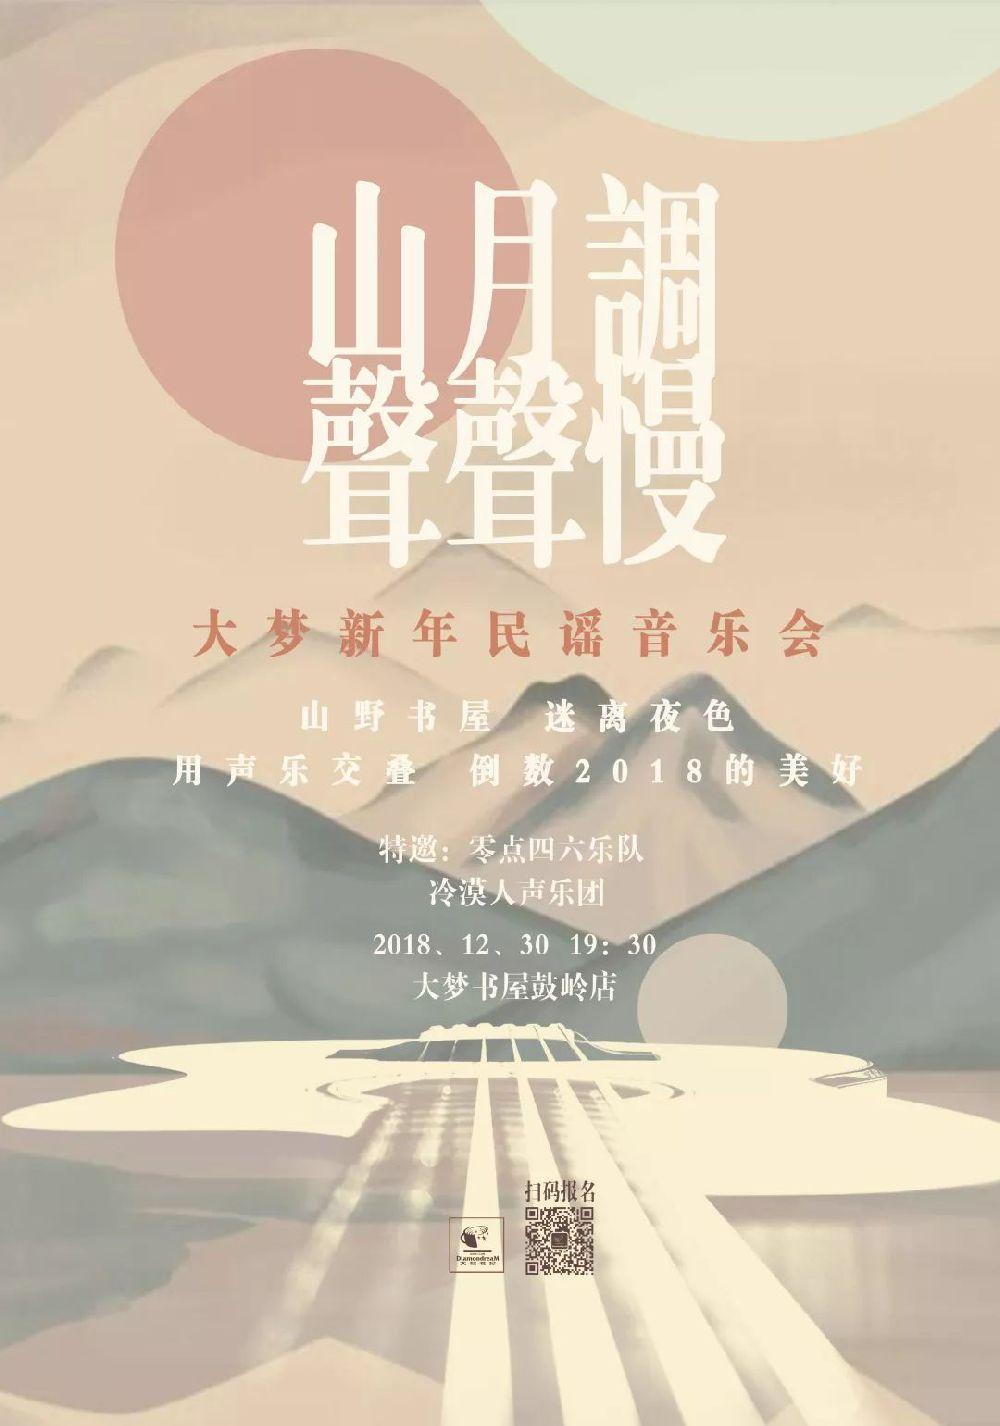 2018福州大梦鼓岭新年民谣音乐会(时间+曲目单)